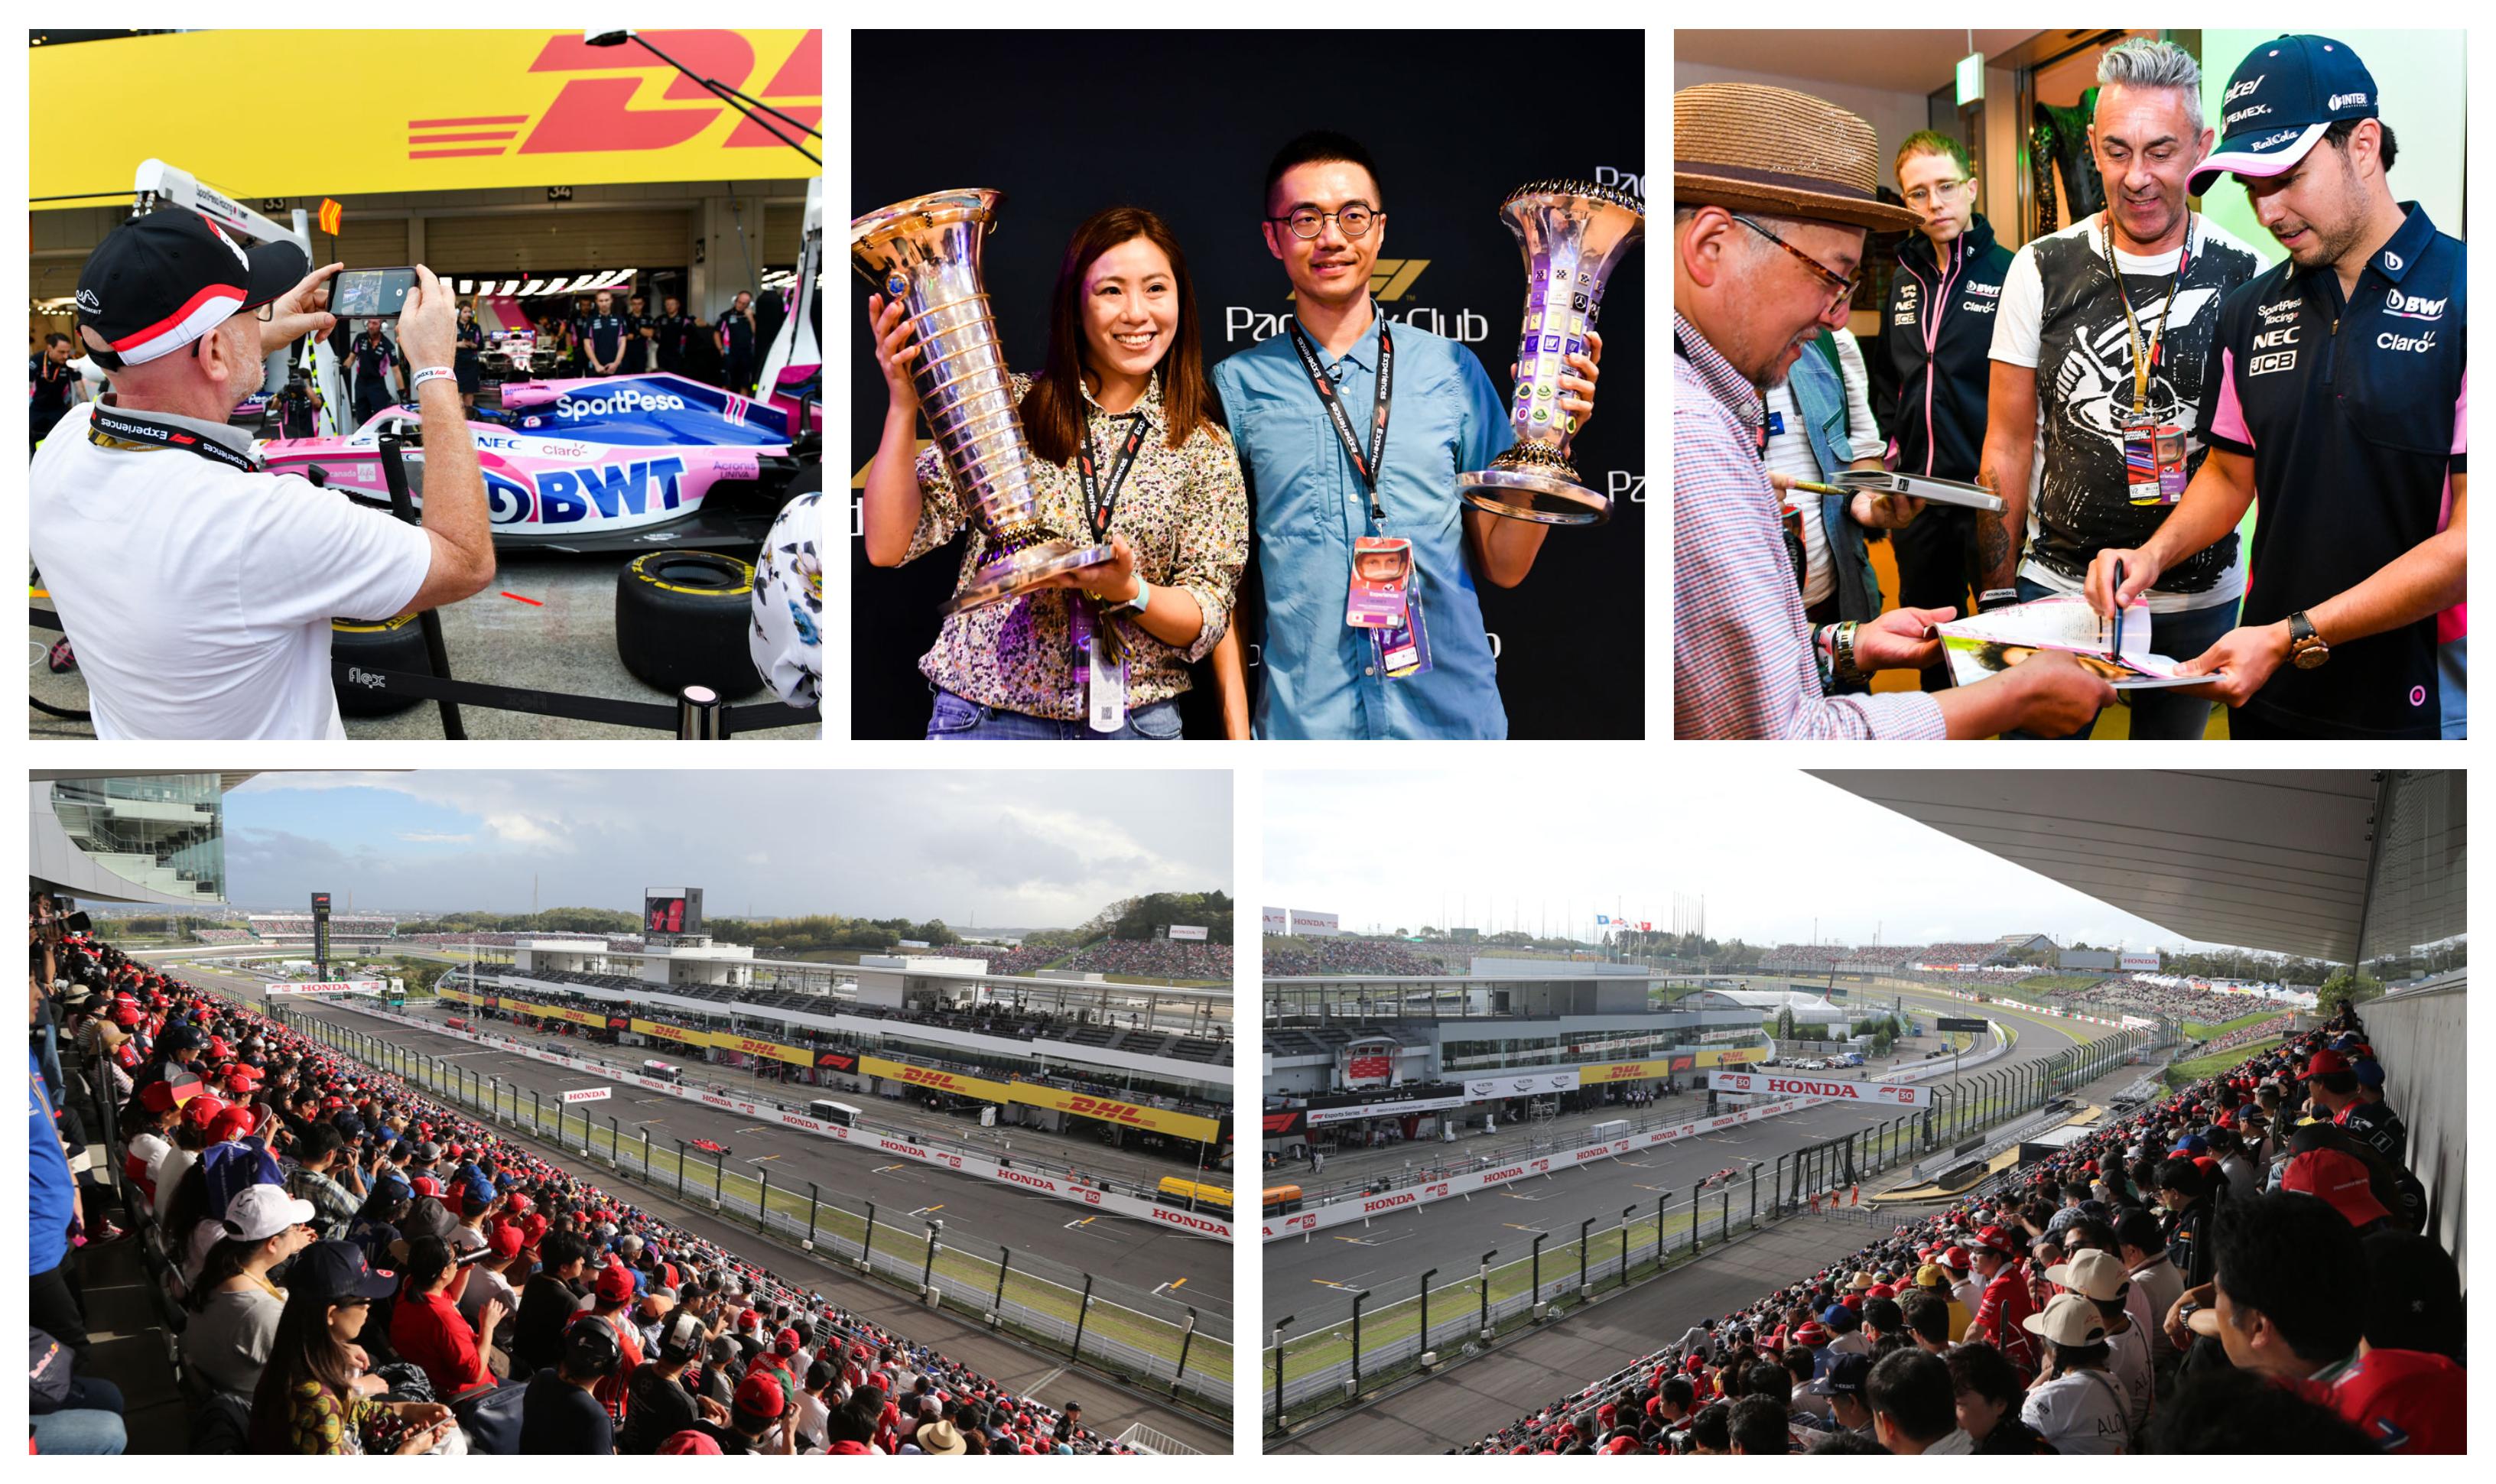 Formule 1 Japan 2021 – Hero ticketpakket F1® Experiences